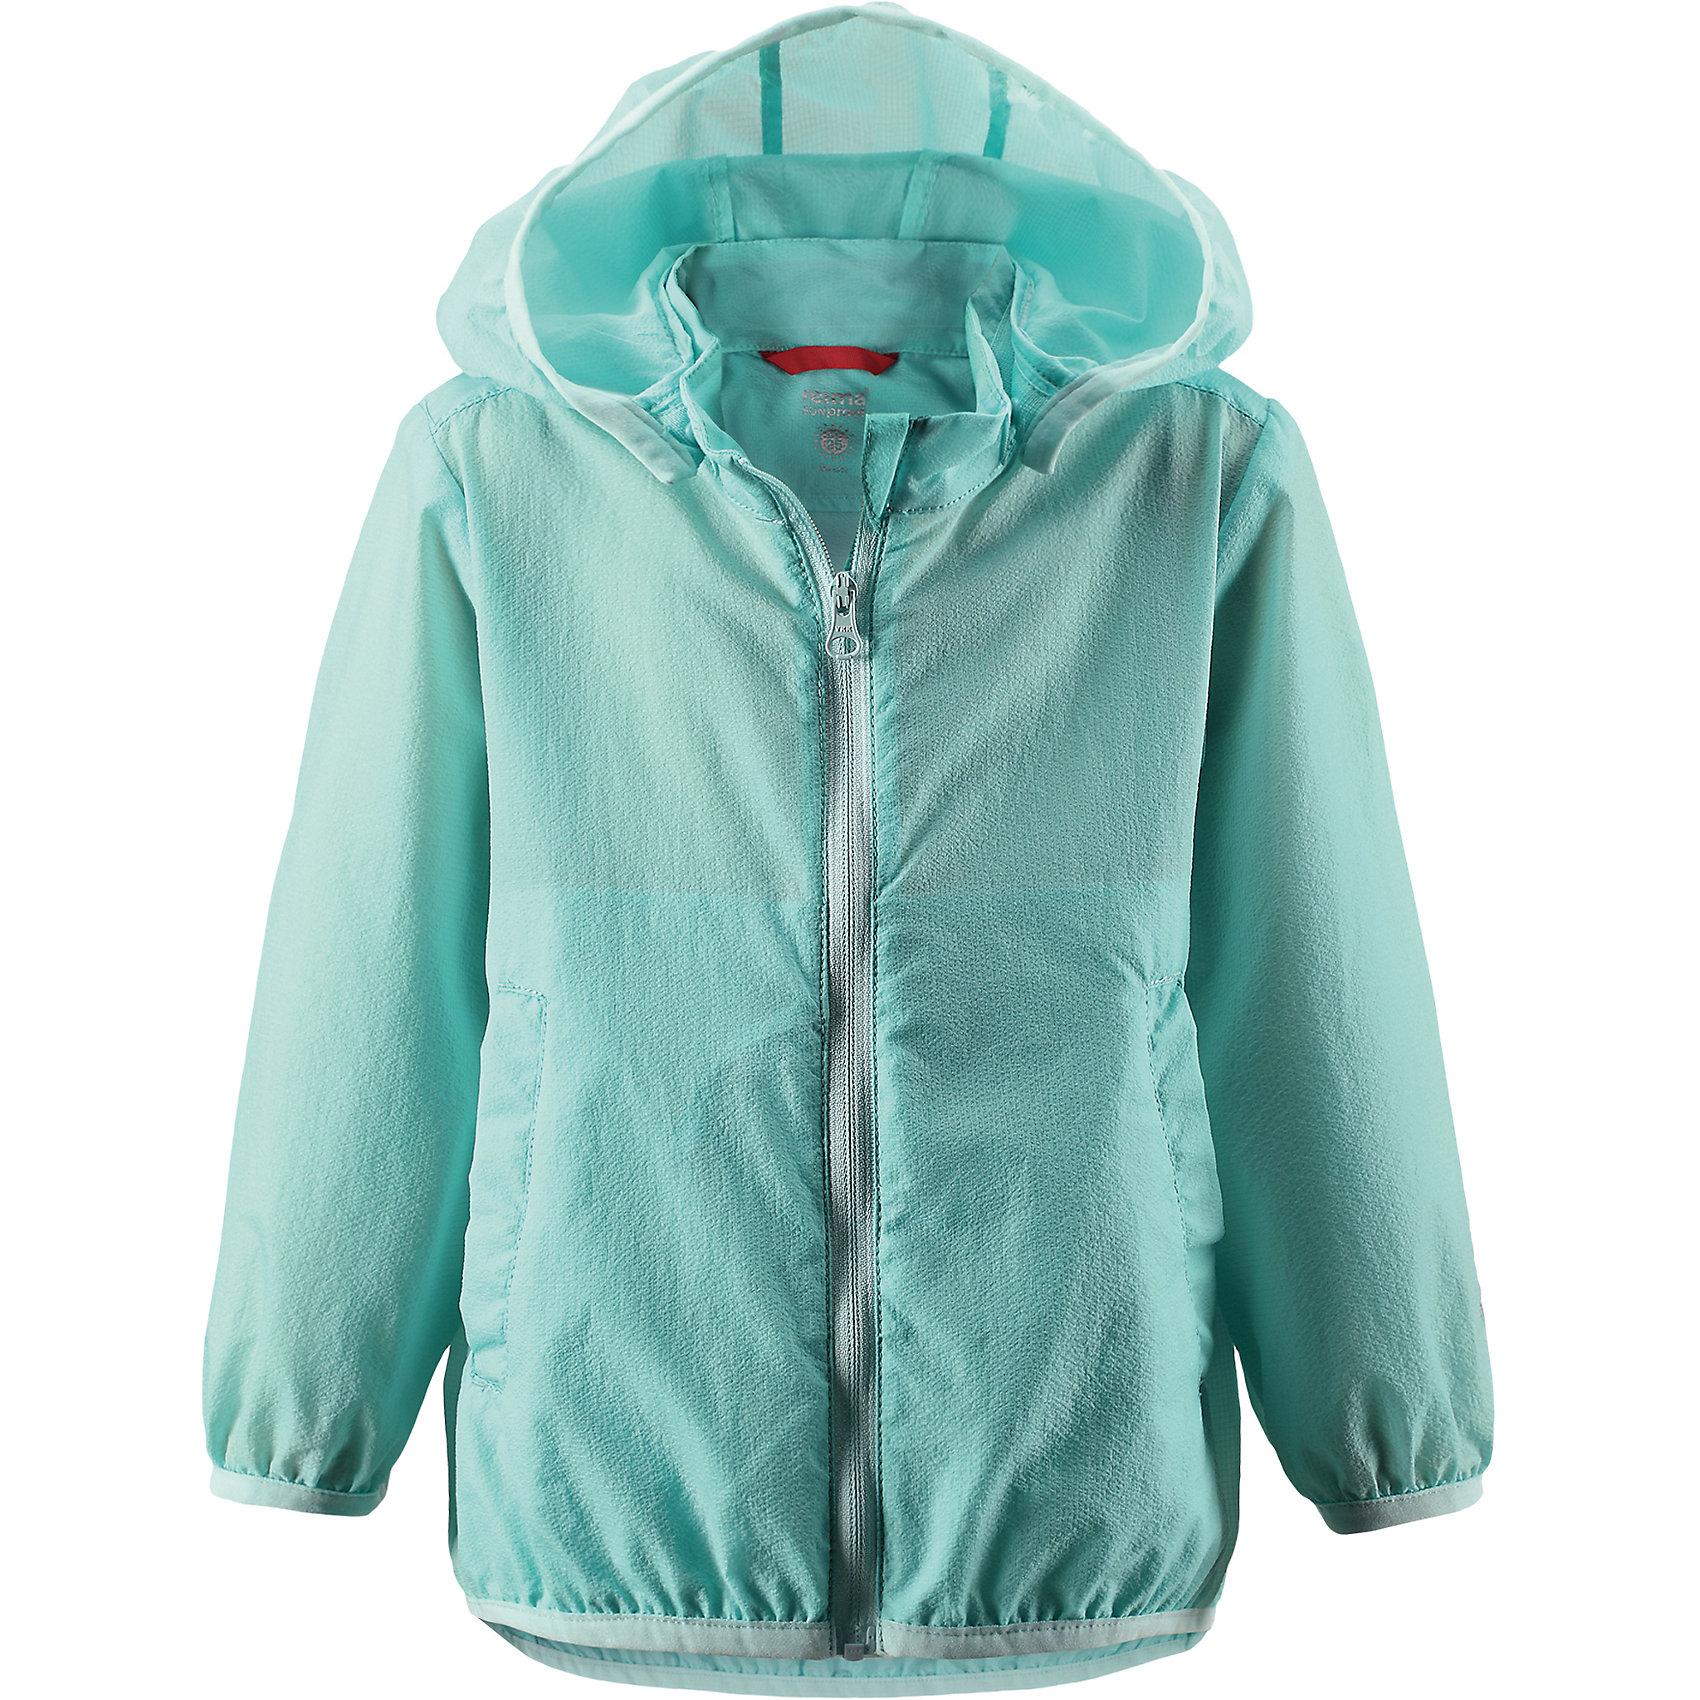 Ветровка Sorriso для девочки ReimaХарактеристики товара:<br><br>• цвет: зеленый<br>• состав: 100% полиамид<br>• температурный режим: от +10°до +20°С<br>• легкий, водоотталкивающий и «дышащий» материал<br>• без подкладки<br>• безопасный съёмный капюшон<br>• эластичная сборка по краю капюшона, на манжетах и на подоле<br>• куртку можно свернуть в собственный карман<br>• молния<br>• комфортная посадка<br>• страна производства: Китай<br>• страна бренда: Финляндия<br>• коллекция: весна-лето 2017<br><br>Верхняя одежда для детей может быть модной и комфортной одновременно! Легкая куртка поможет обеспечить ребенку комфорт и тепло. Она отлично смотрится с различной одеждой и обувью. Изделие удобно сидит и модно выглядит. Материал - прочный, хорошо подходящий для межсезонья. Стильный дизайн разрабатывался специально для детей.<br><br>Одежда и обувь от финского бренда Reima пользуется популярностью во многих странах. Эти изделия стильные, качественные и удобные. Для производства продукции используются только безопасные, проверенные материалы и фурнитура. Порадуйте ребенка модными и красивыми вещами от Reima! <br><br>Куртку для девочки от финского бренда Reima (Рейма) можно купить в нашем интернет-магазине.<br><br>Ширина мм: 356<br>Глубина мм: 10<br>Высота мм: 245<br>Вес г: 519<br>Цвет: зеленый<br>Возраст от месяцев: 24<br>Возраст до месяцев: 36<br>Пол: Женский<br>Возраст: Детский<br>Размер: 98,86,92,74,80<br>SKU: 5265520